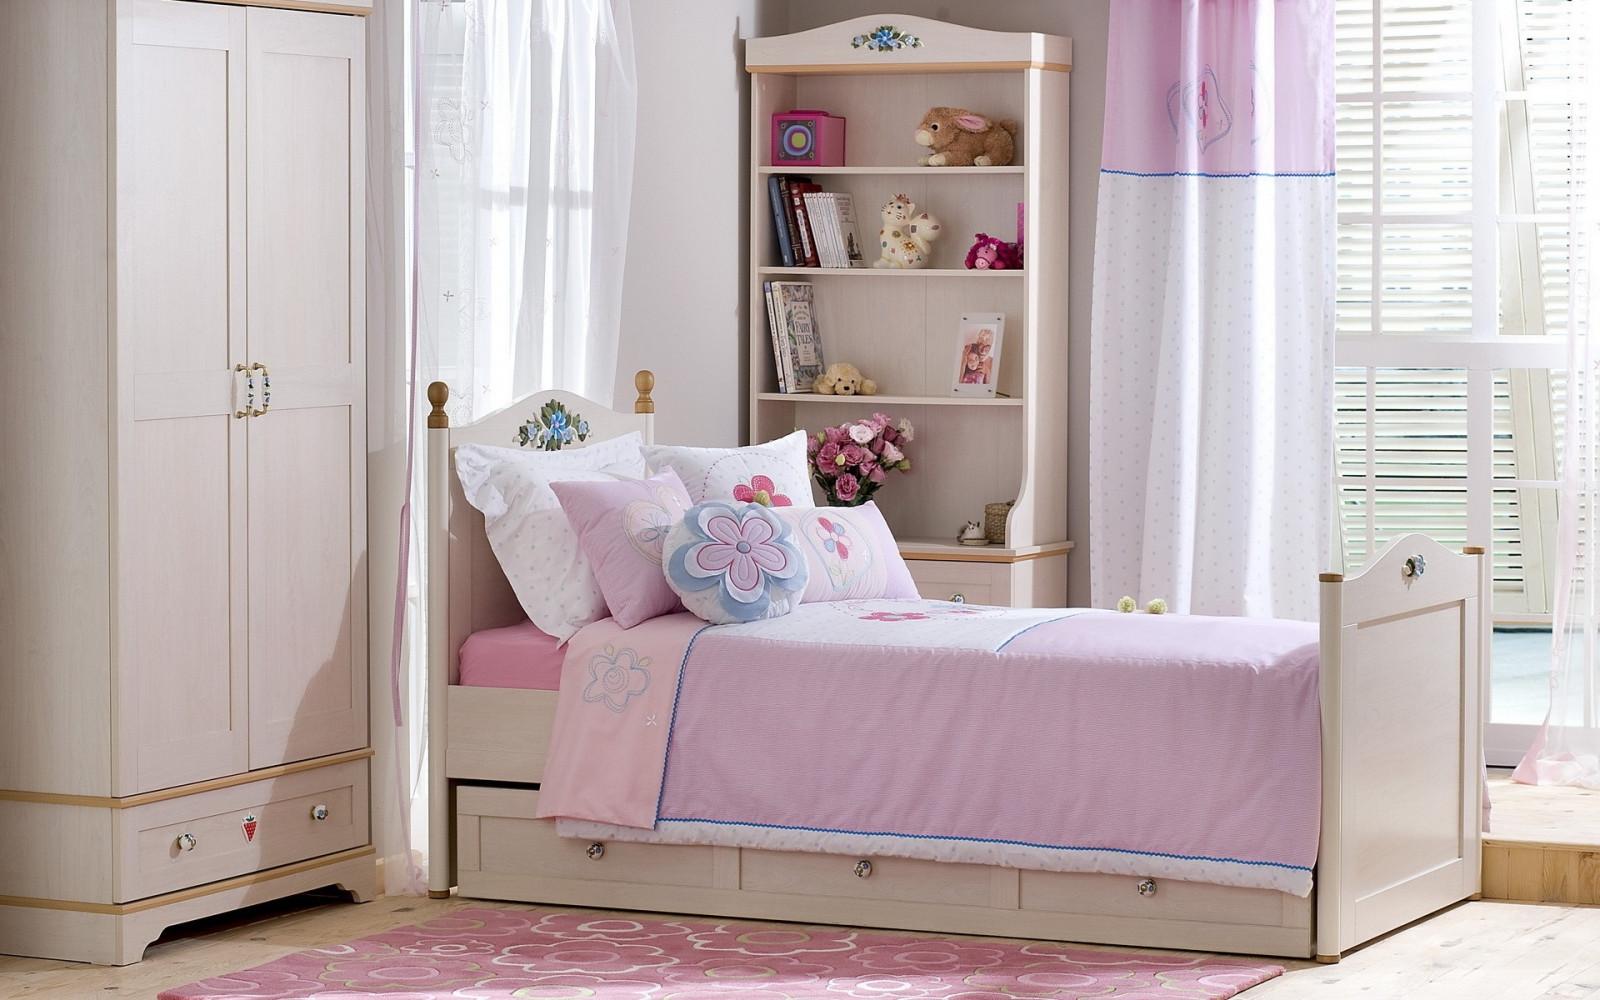 Sfondi : camera, interno, rosa, Camera da letto, interior ...